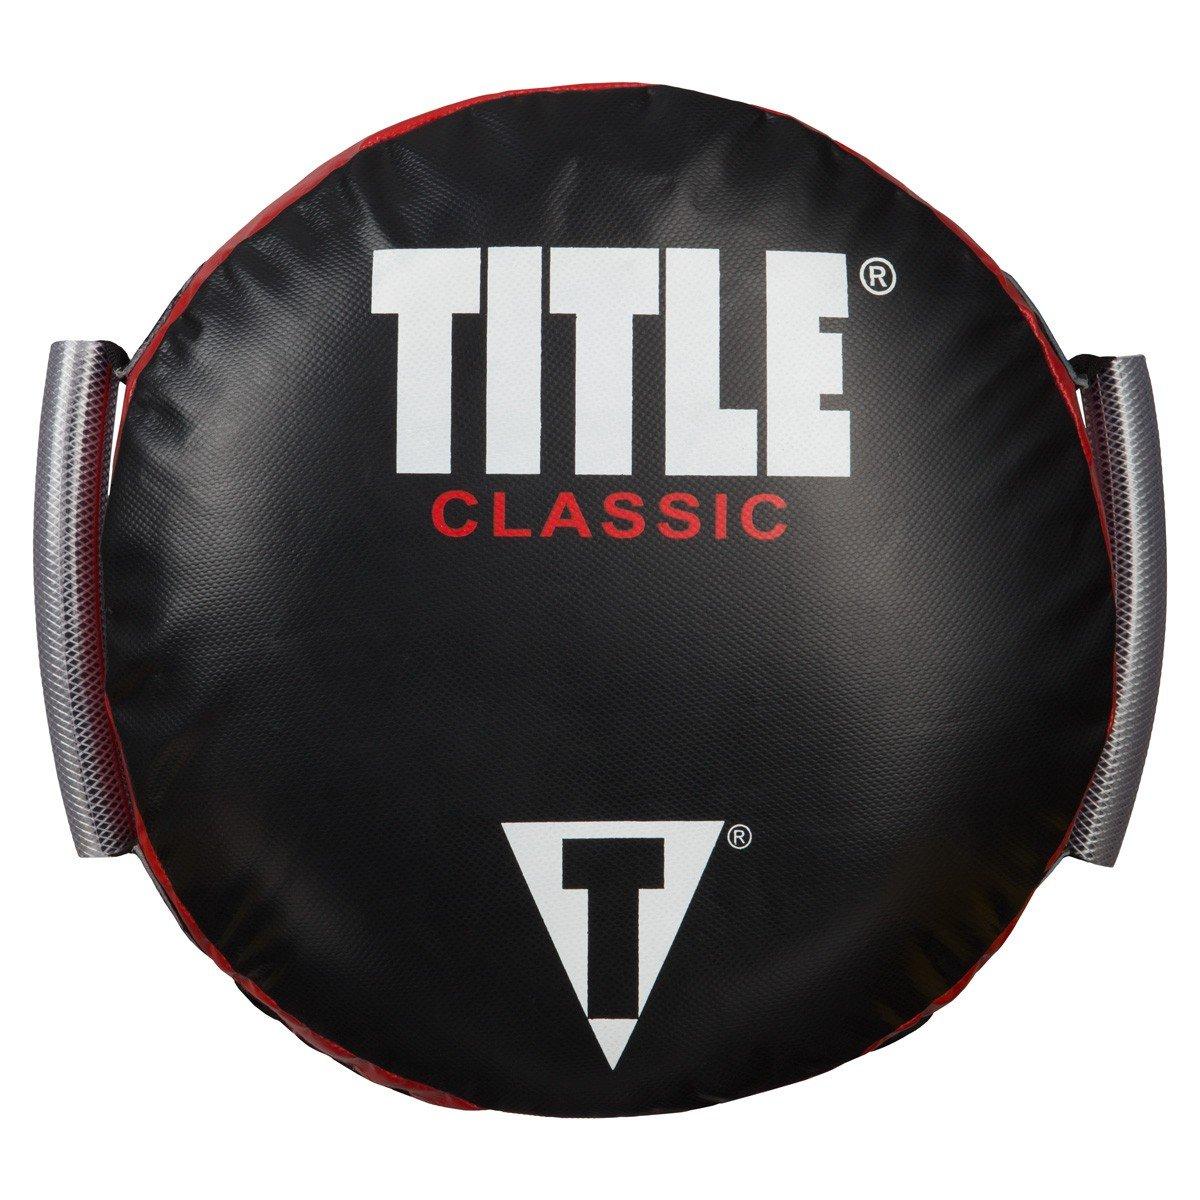 Titleクラシックラウンドパンチシールド One B01BCM6L34 One Size ブラック Size/レッド B01BCM6L34, FEELPROJECT:4bd4b977 --- capela.dominiotemporario.com